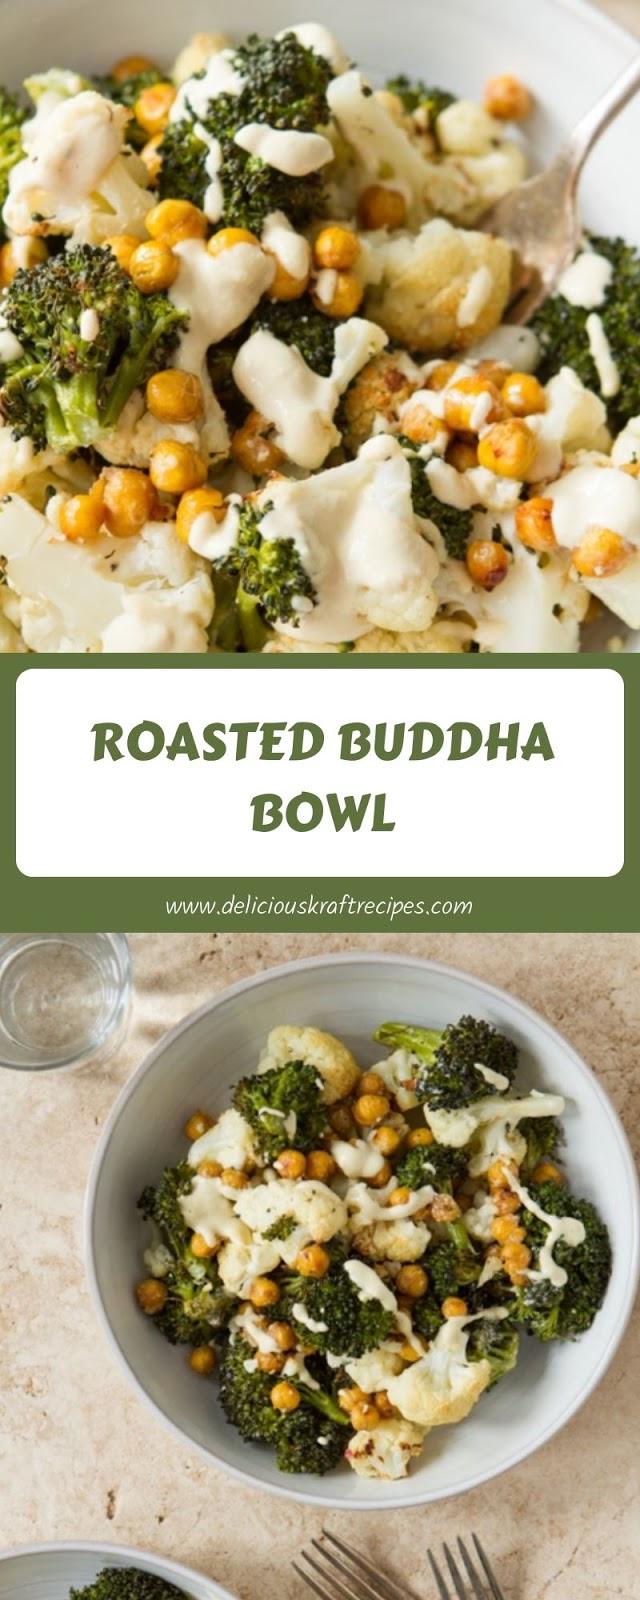 ROASTED BUDDHA BOWL